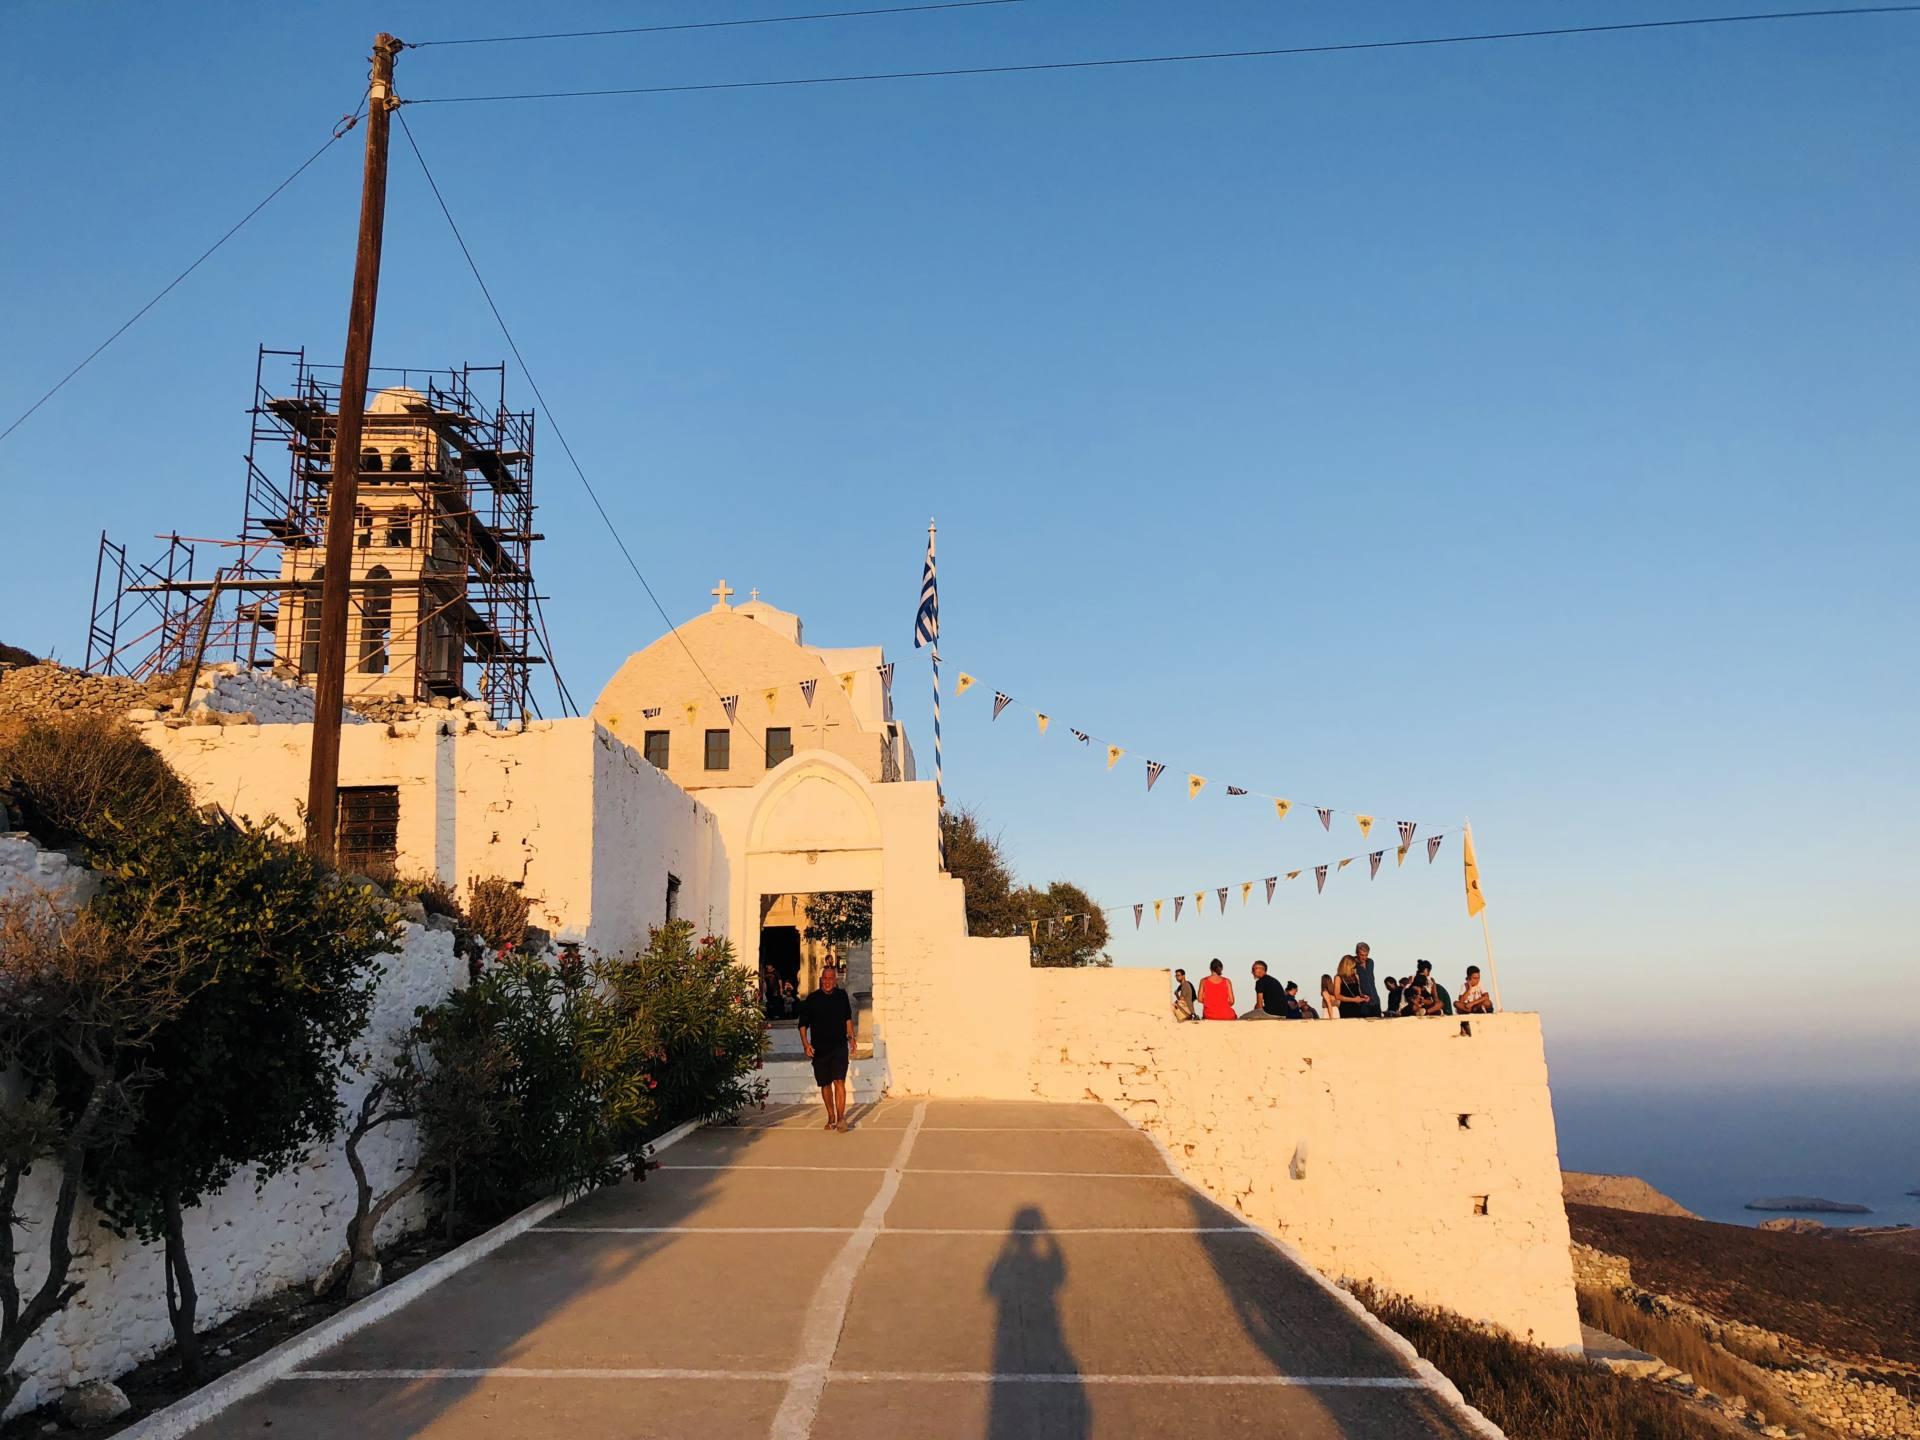 église Panagia Folegandros